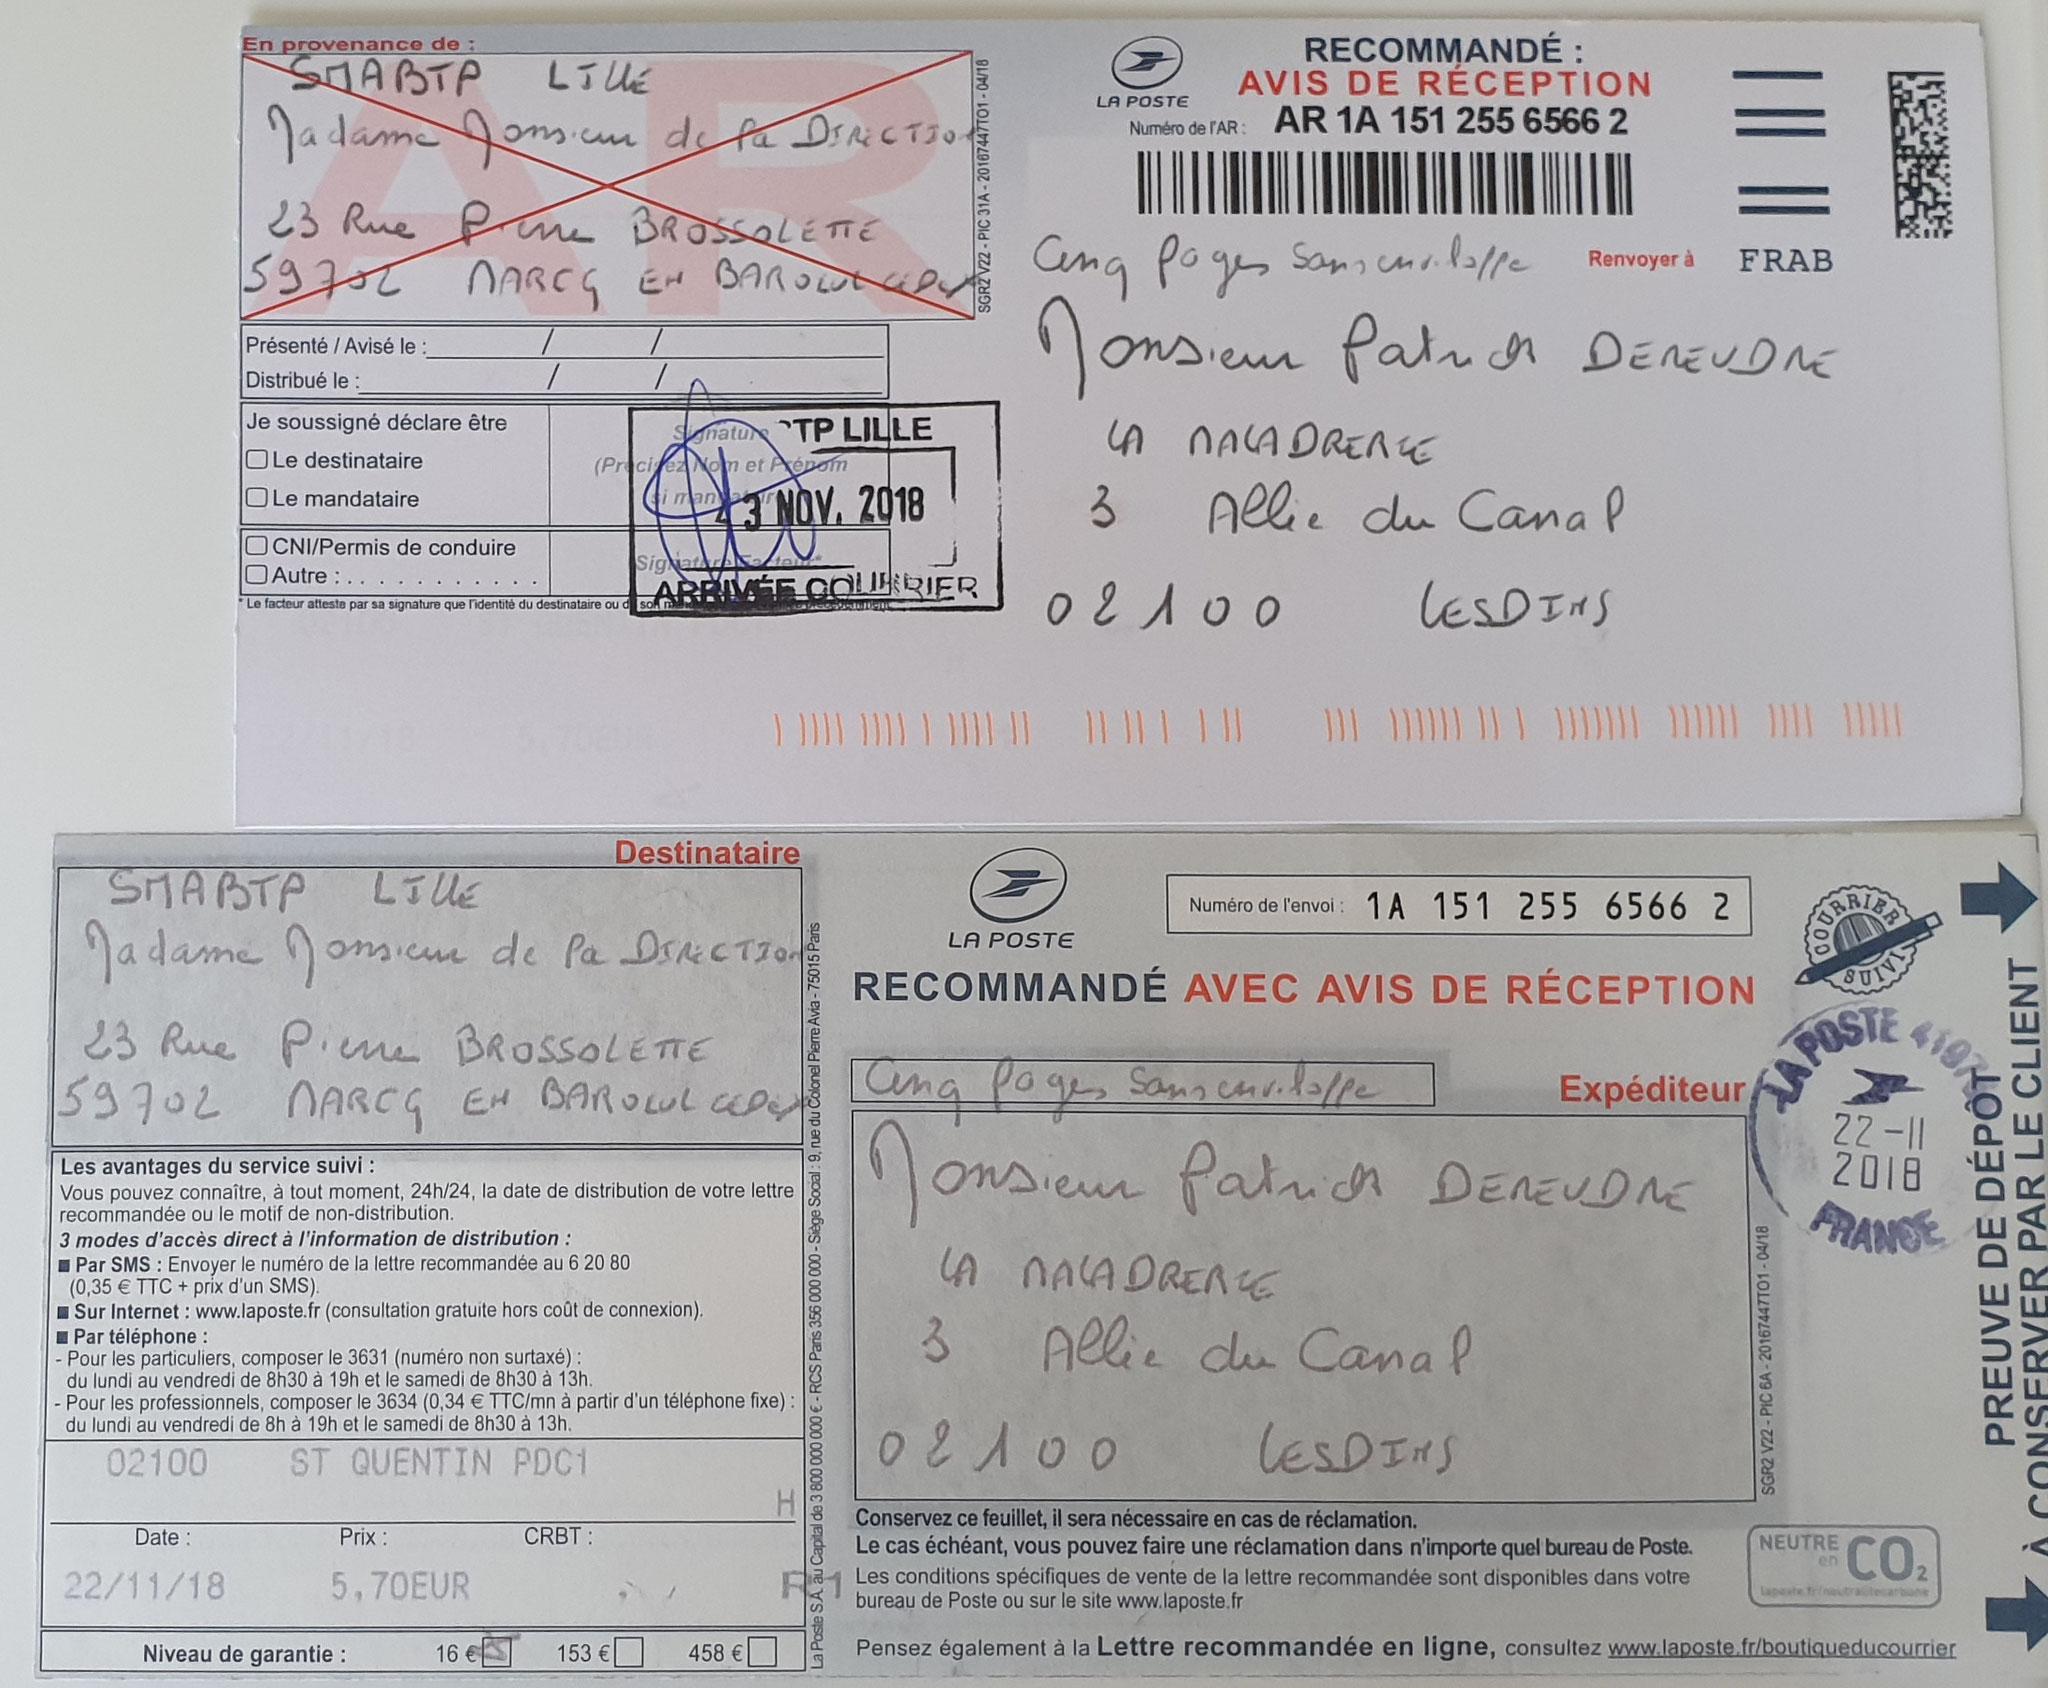 Le 22 Novembre 2018 j'adresse une cinquième LRAR N0 1A 151 255 6566 2 à SMABTP (Cinq pages) www.jenesuispasunchien.fr www.jesuisvictime.fr www.jesuispatrick.fr PARJURE & CORRUPTION